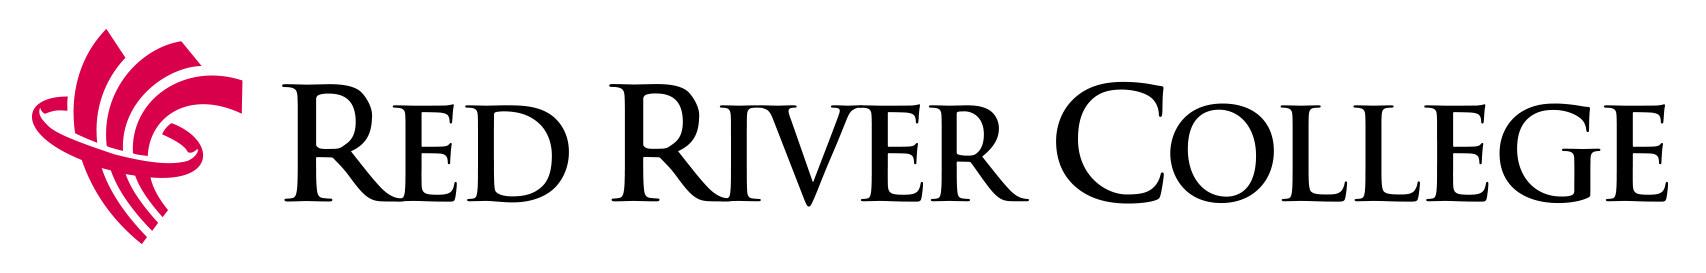 Red River College Virtual Career Fair - rewarding careers